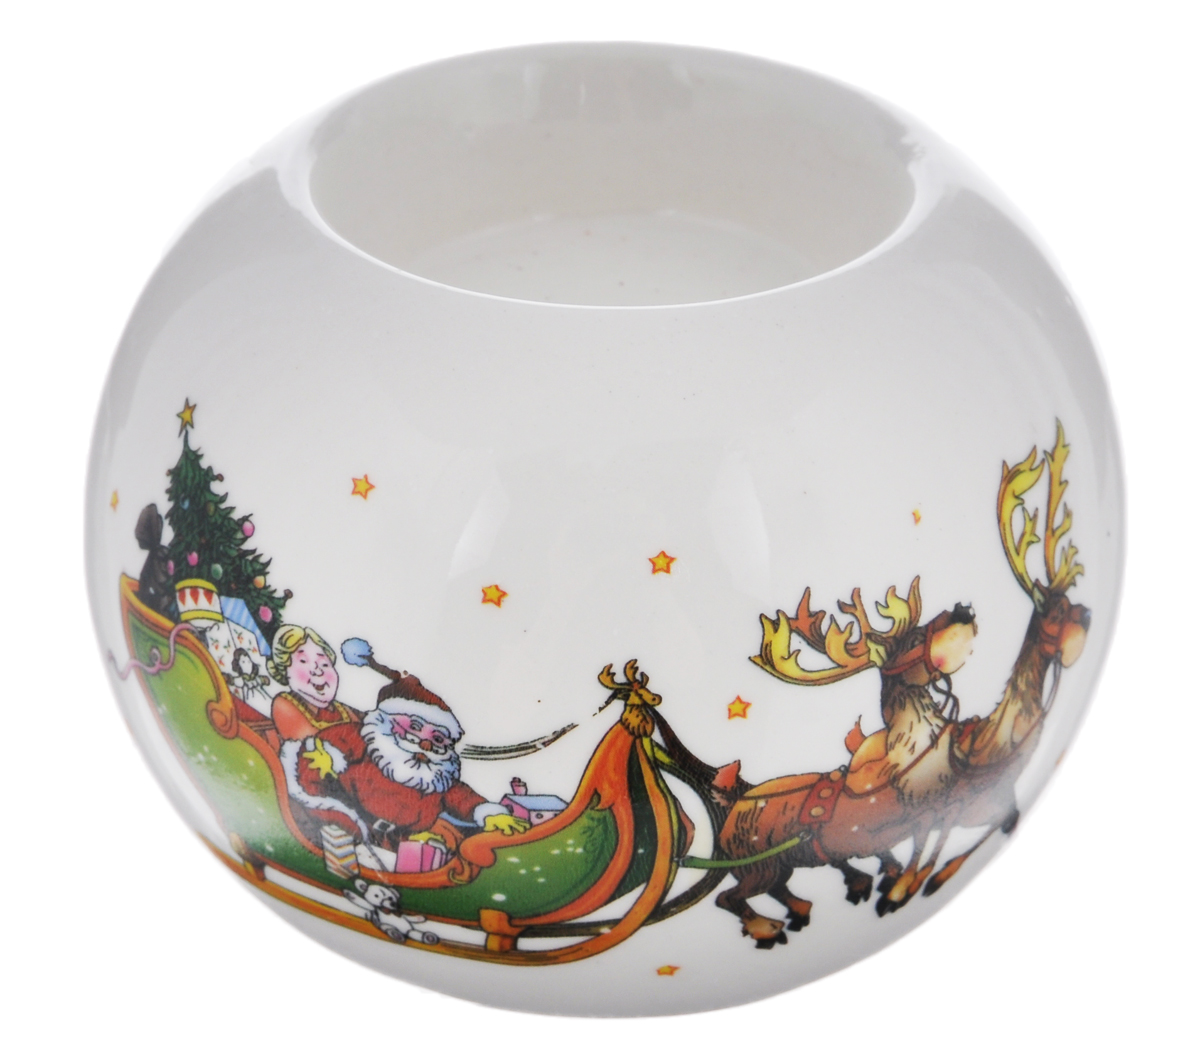 Подсвечник Winter Wings Дед Мороз, 7,5 см х 7,5 см х 5,5 смБрелок для ключейПодсвечник Winter Wings Дед Мороз, изготовленный из керамики, станет прекрасным украшением интерьера помещения в преддверии Нового года. Подсвечник украшен красивым новогодним изображением Деда Мороза на санях. Имеется одно отверстие для чайной свечи (свеча в комплект не входит). Зажигать свечи в Новый год - неизменная традиция, которая позволяет наполнить дом волшебством и таинственностью новогодней ночи.